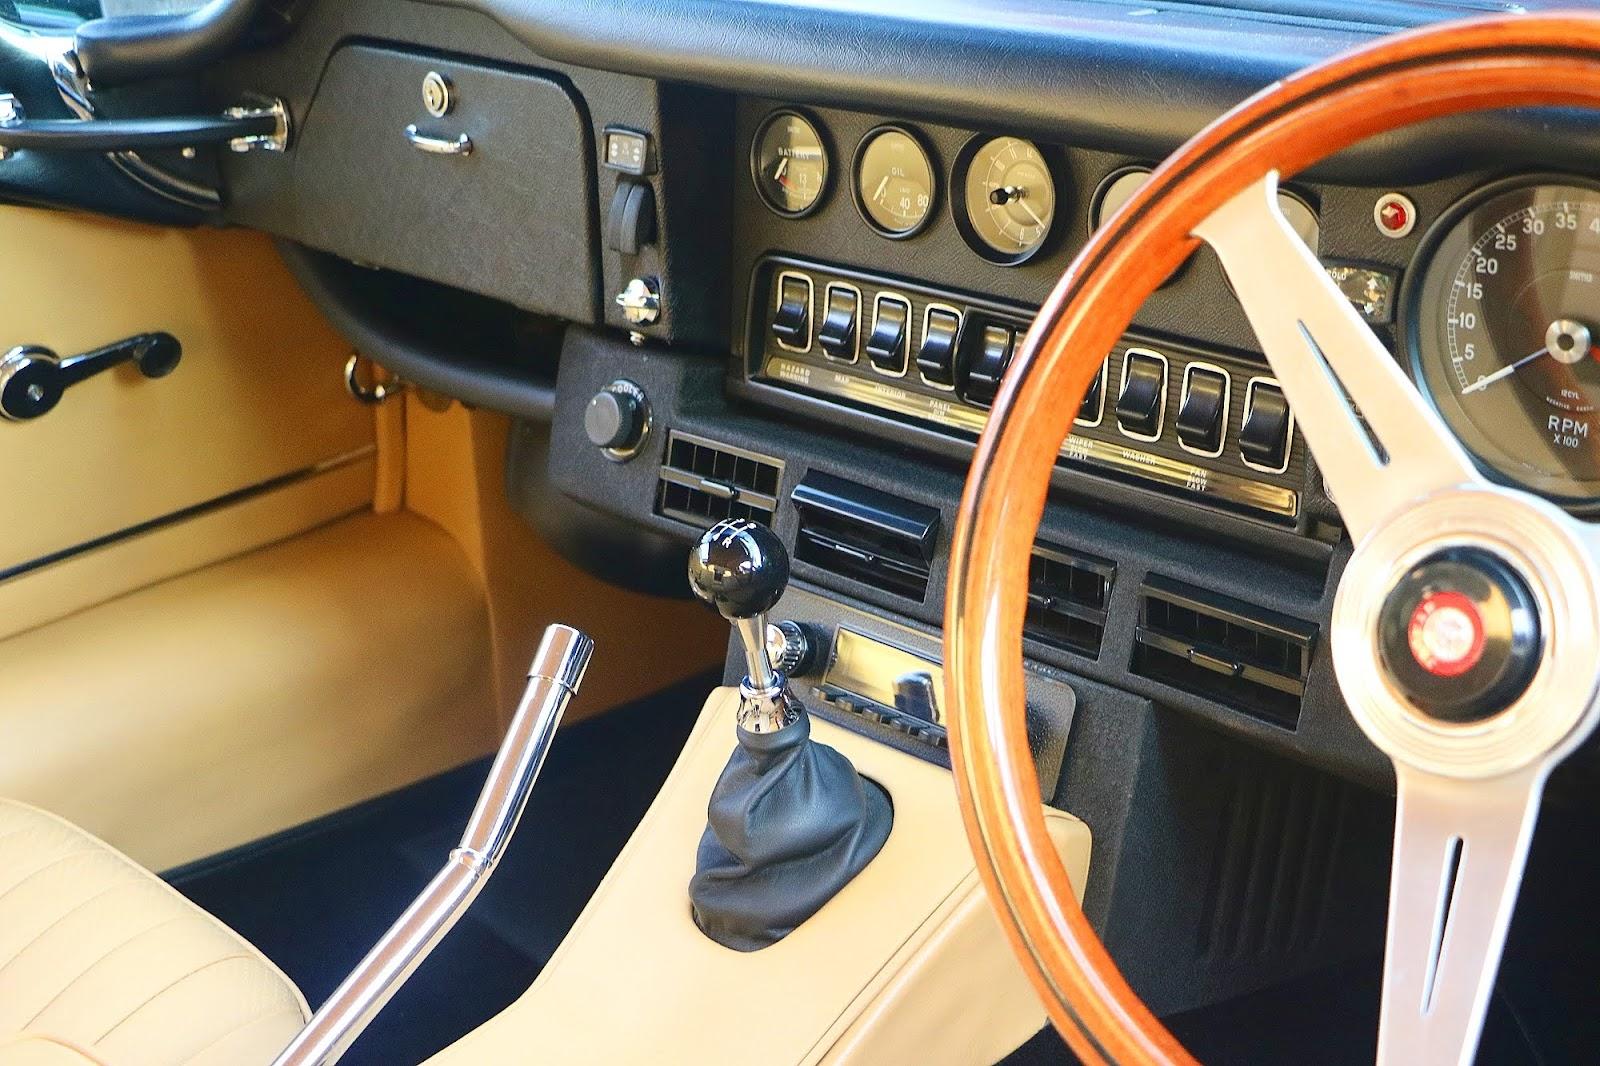 1974 Jaguar E-Type V-12 Dashboard.jpg